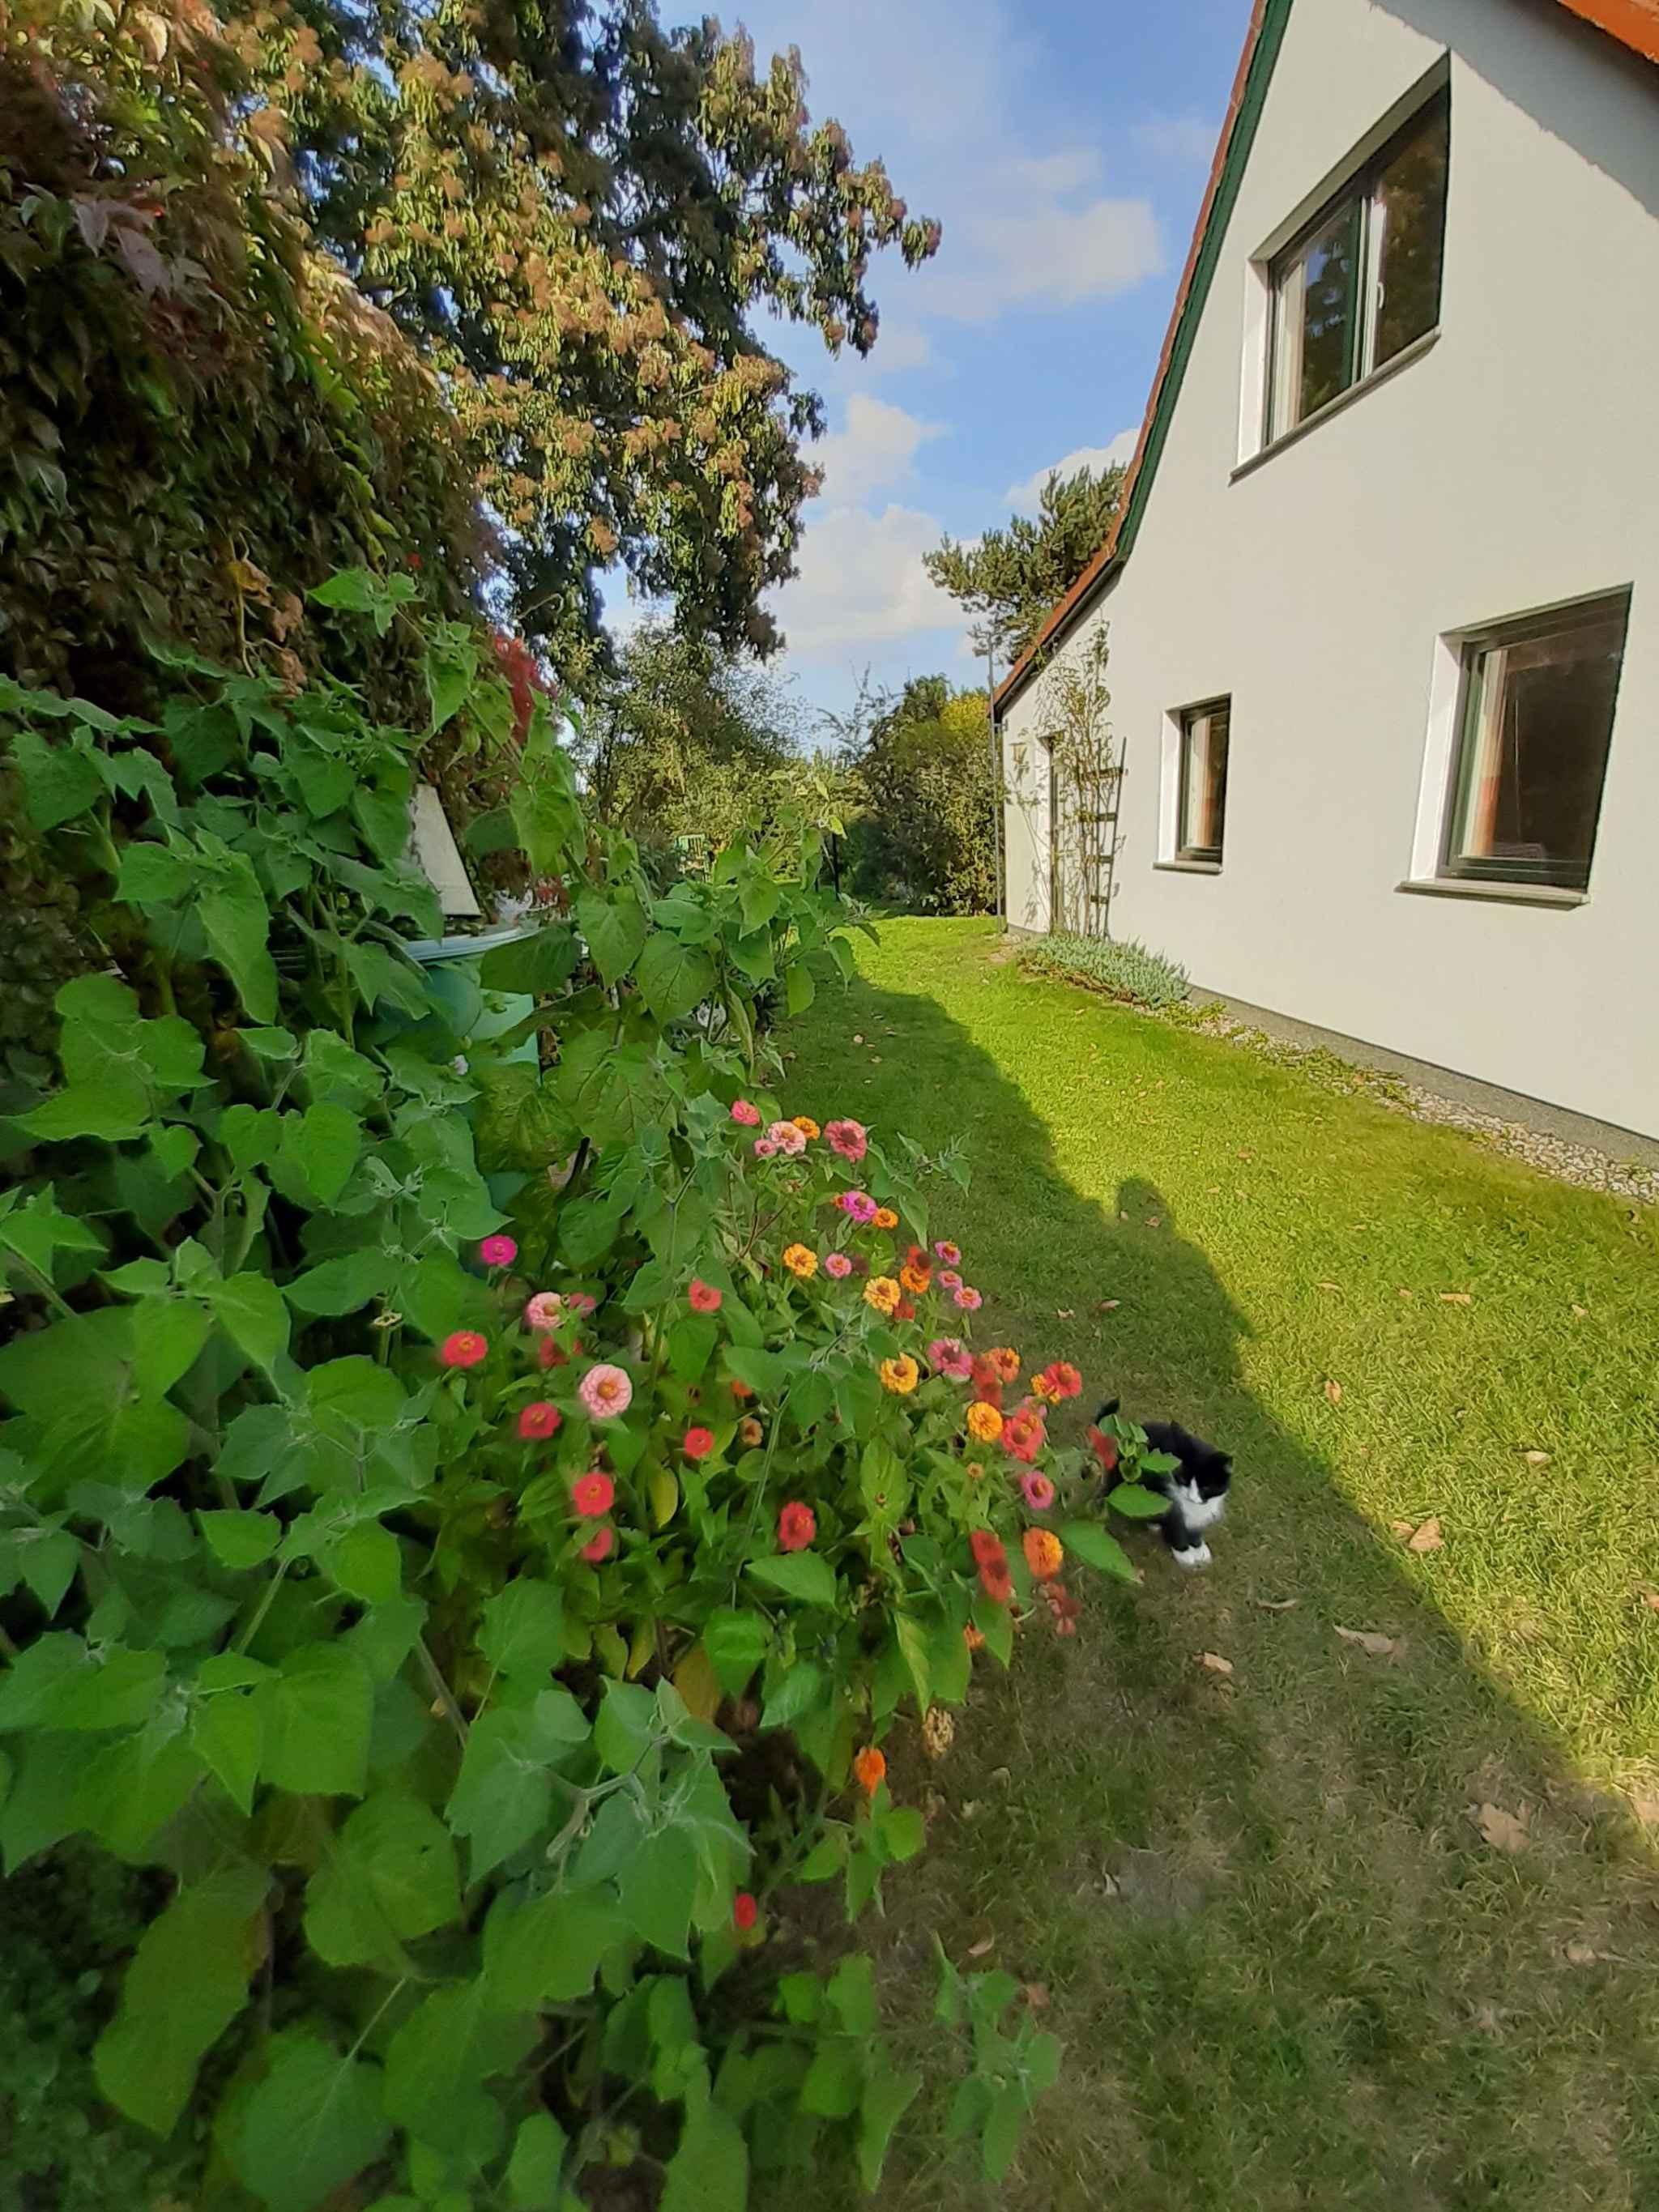 Ferienhaus mit Garten und Terrasse, 800 m zum Strand (314511), Gustow, Rügen, Mecklenburg-Vorpommern, Deutschland, Bild 7